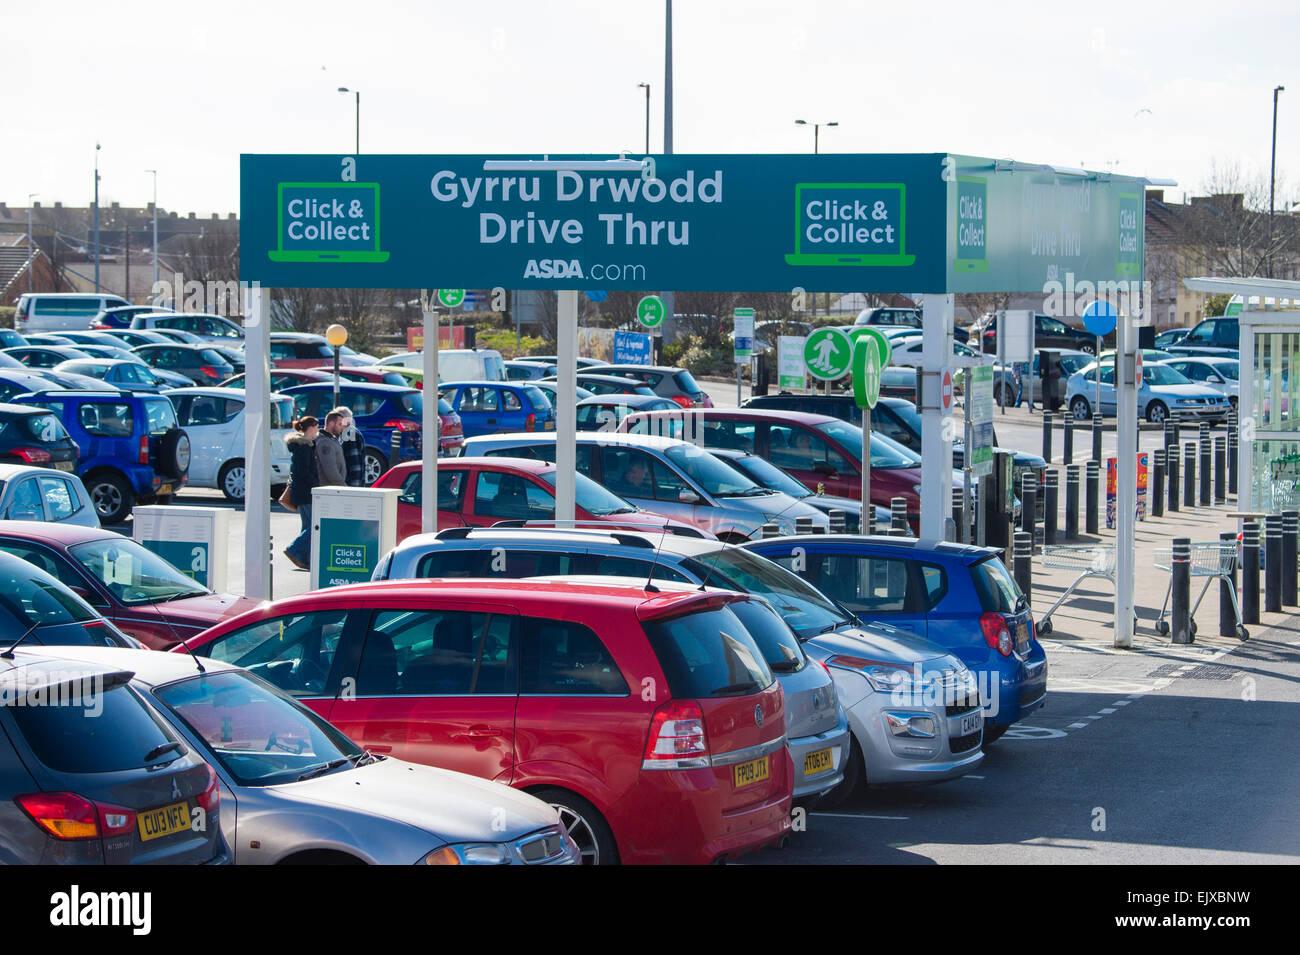 Welsh bilingue Lingua inglese digital signage sulla 'Drive Thru / Gyrru Drwodd' fare clic e raccogliere shop e guidare Foto Stock